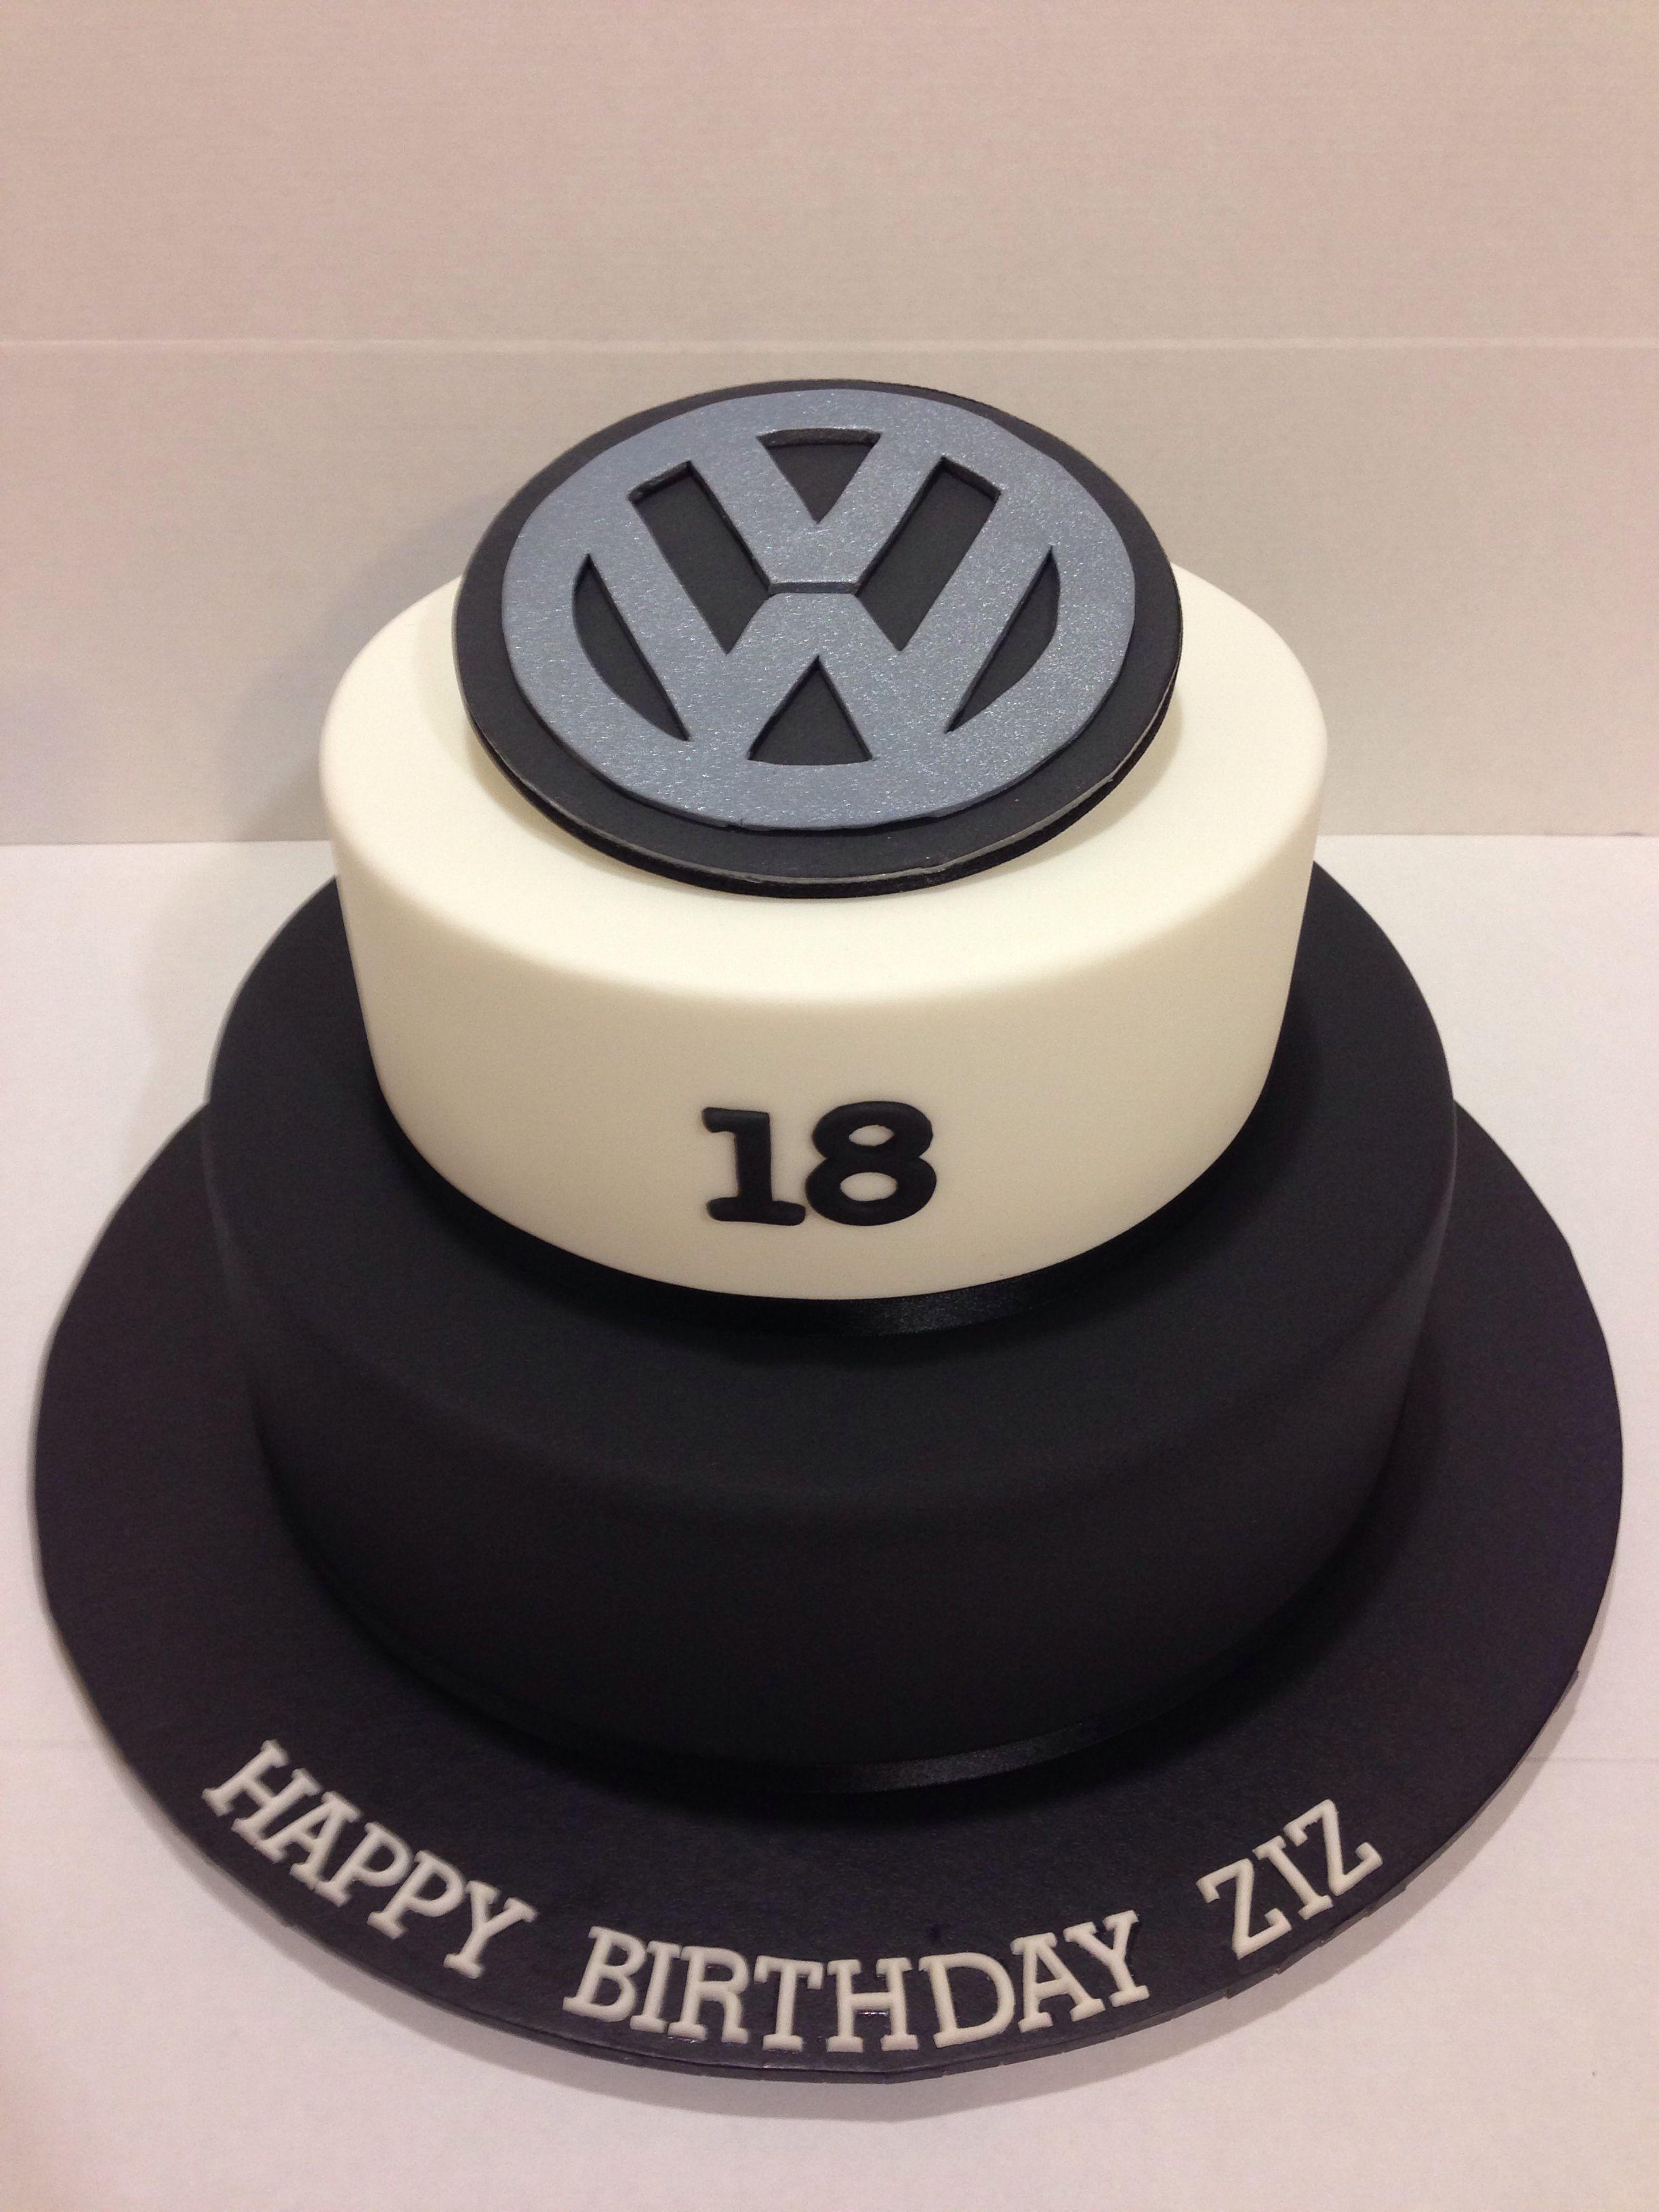 Vw Logo 18th Birthday Cake Made By Sweetsbysuzie Melbourne Geburtstag Kuchen Dekorieren Geburtstagskuchen Fur Jungen Tortendeko